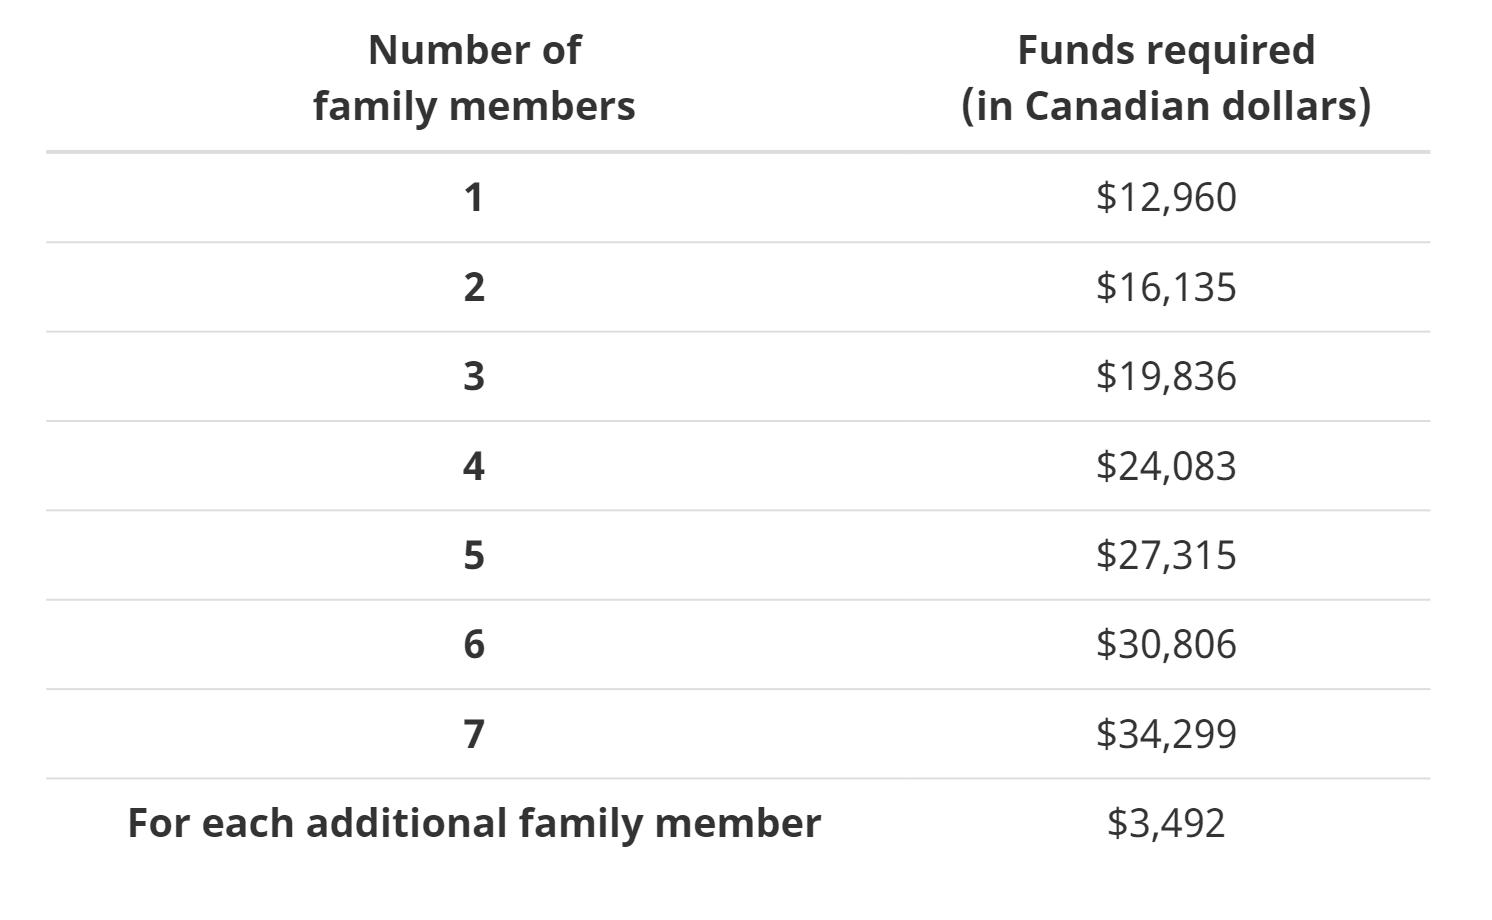 Сколько нужно денег дляполучения ВНЖ в Канаде по программе Express Entry. Суммы указаны в канадских долларах